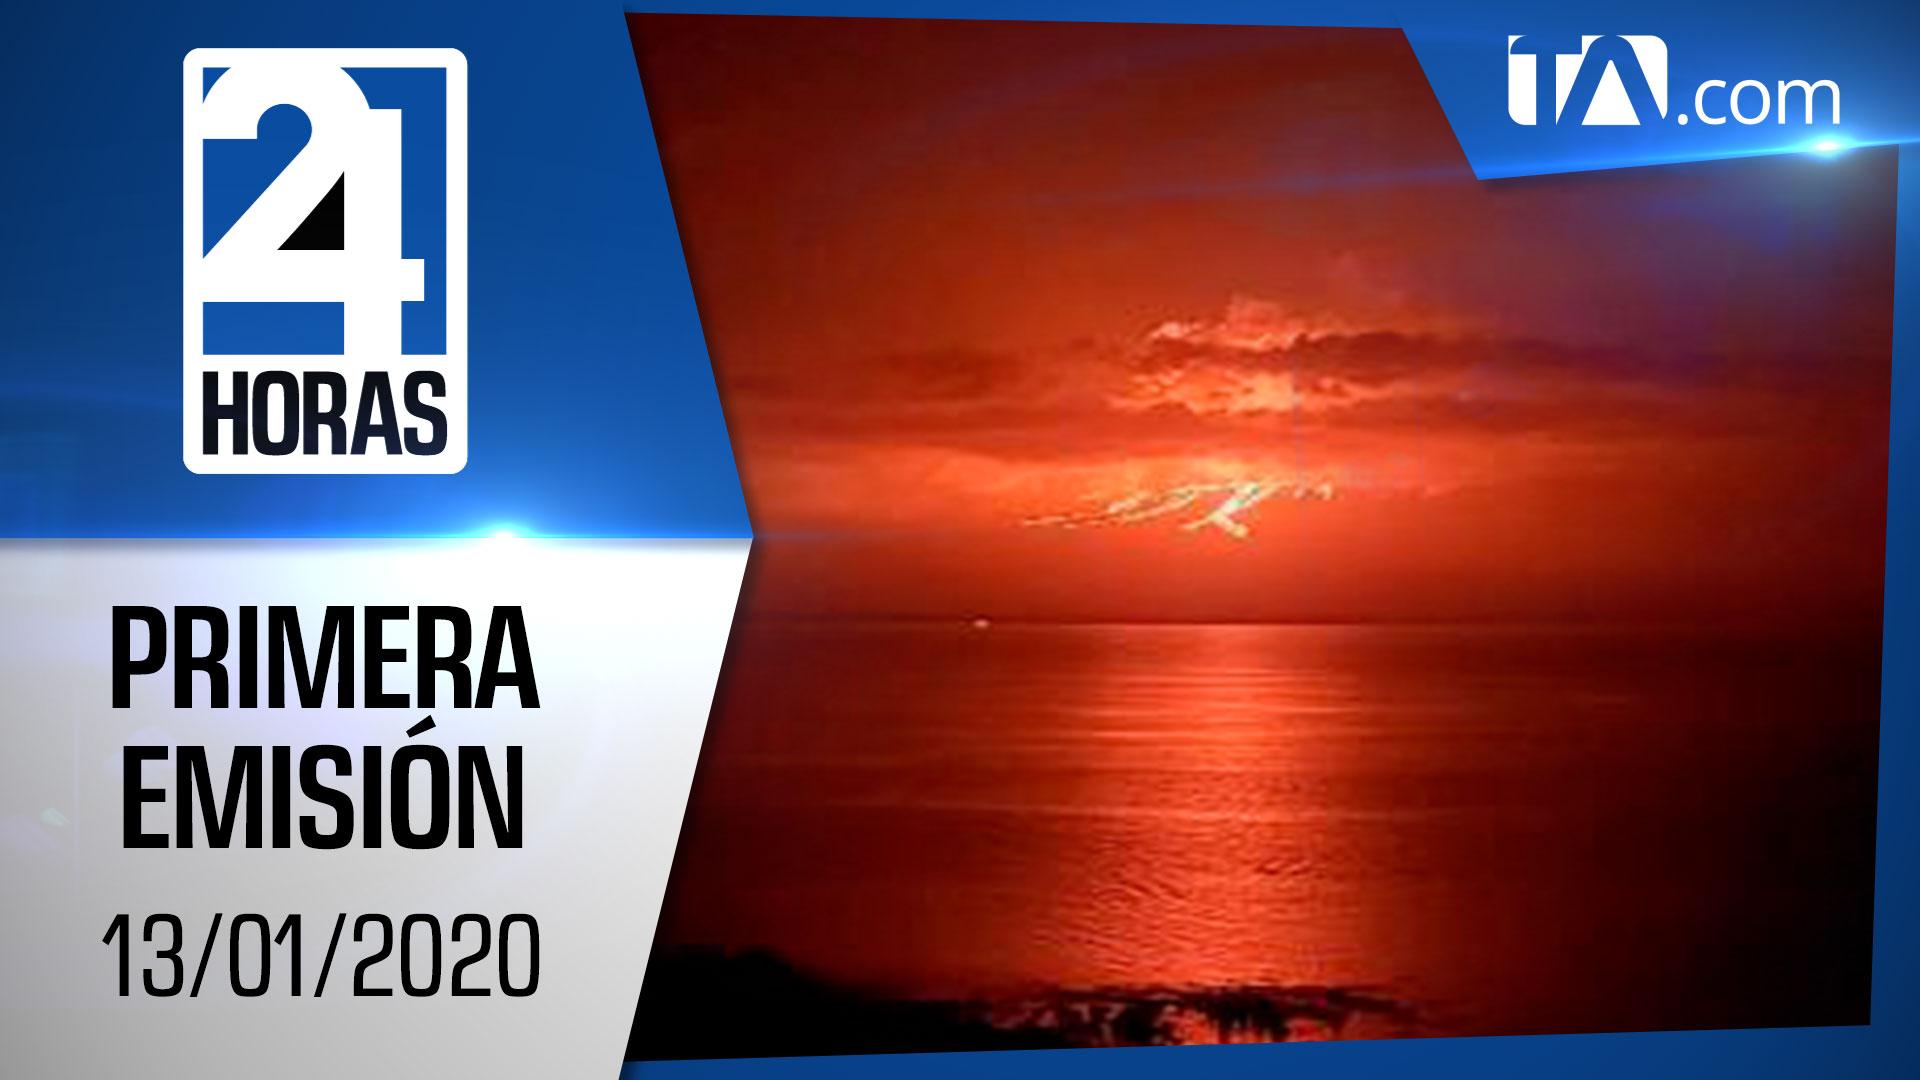 Noticias Ecuador: Noticiero 24 Horas 13/01/2020 (Primera Emisión